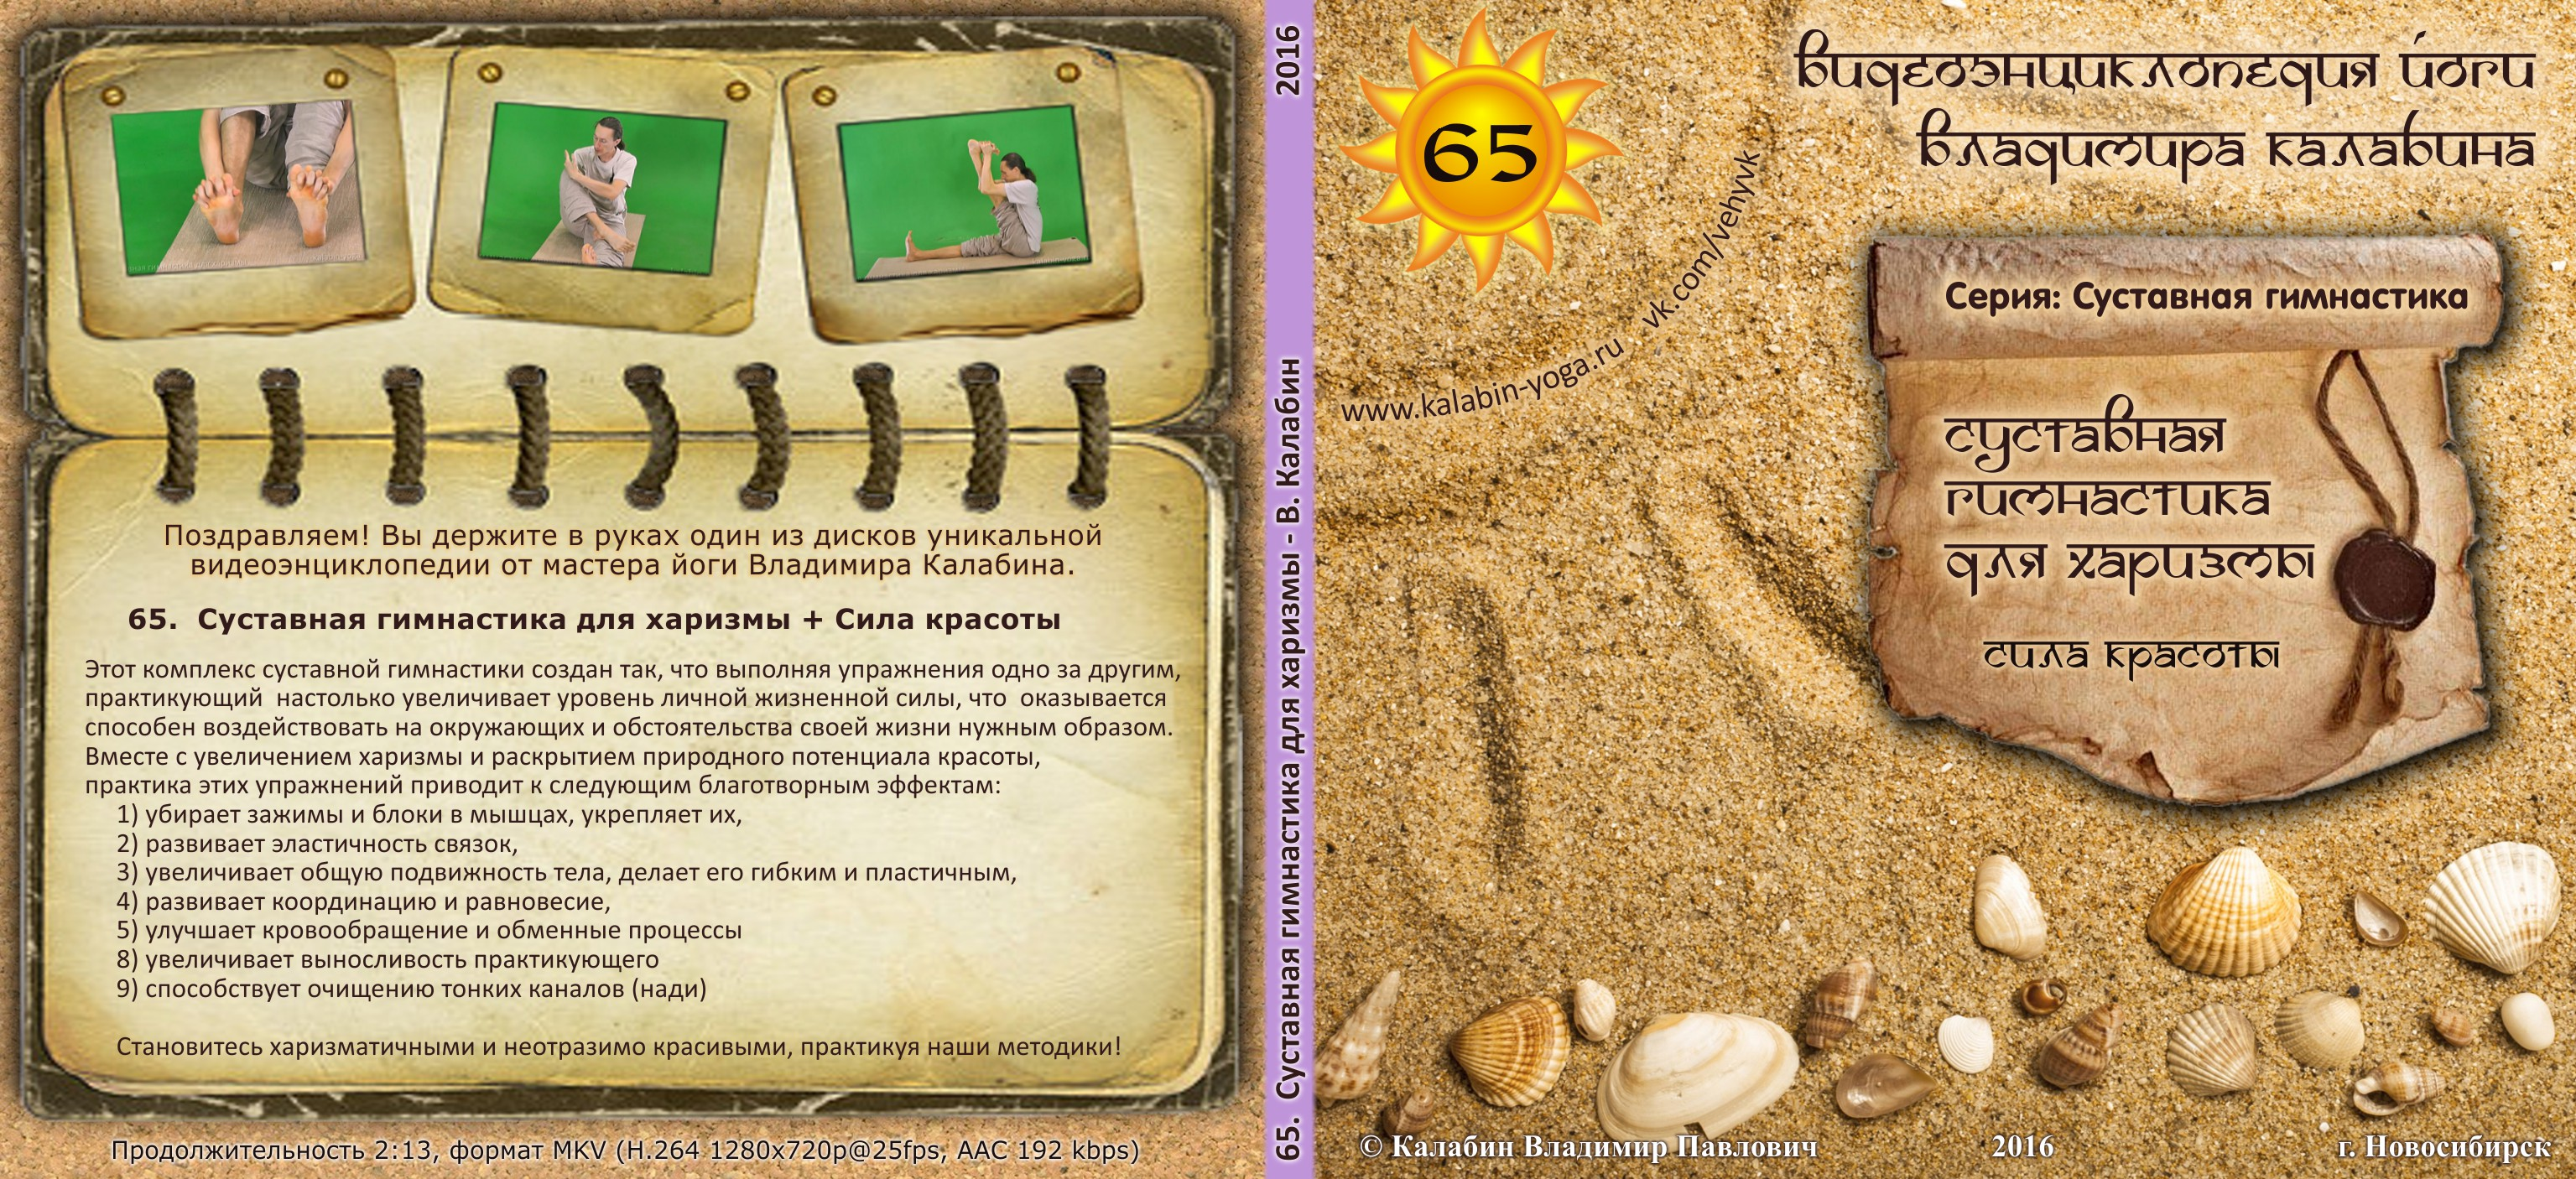 065-sustavnaya-gimnastika-dlya-xarizmy-minidvd-260x119